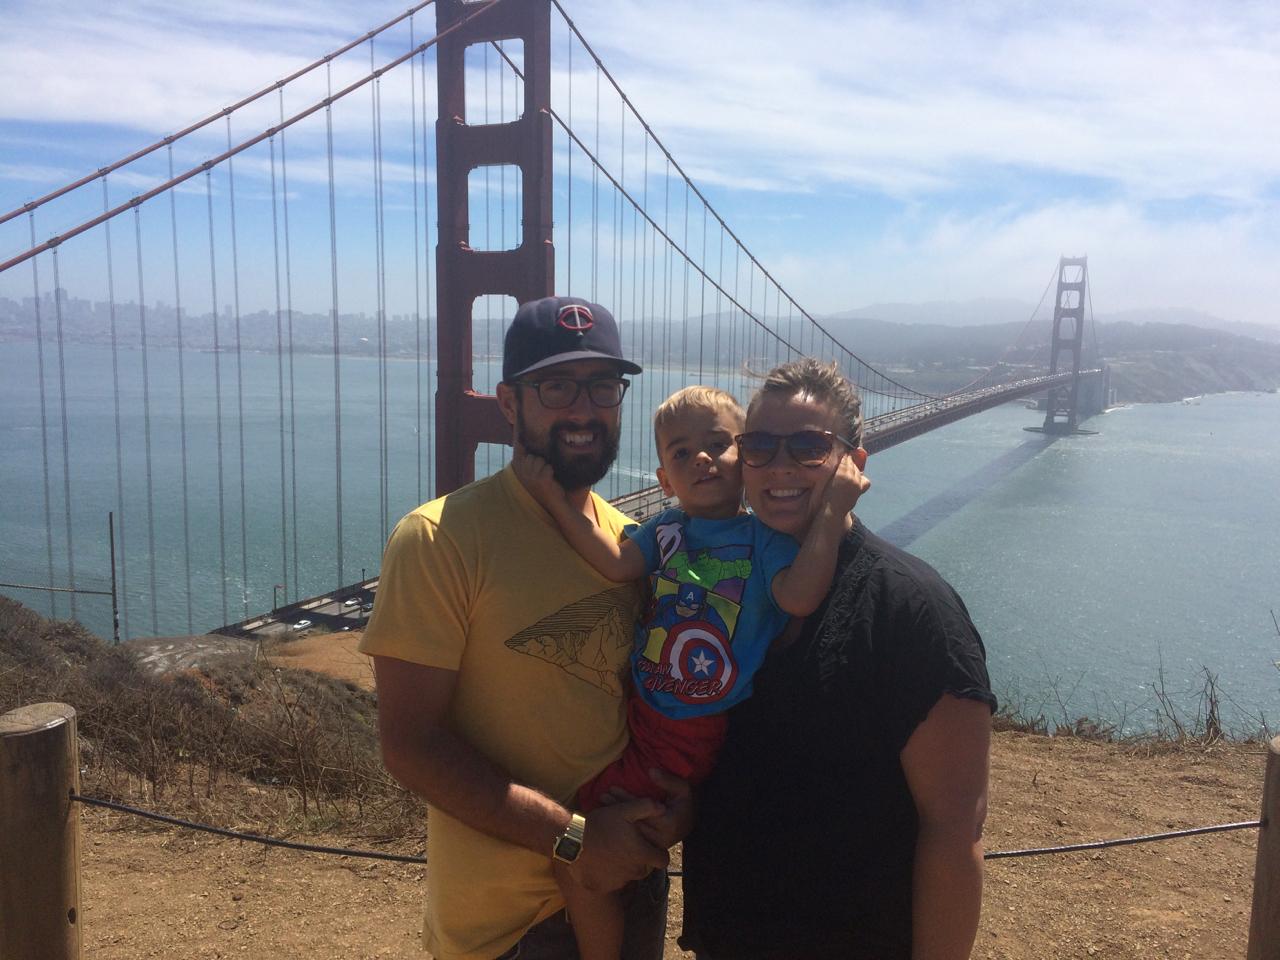 The Golden Gate Bridge | September | Sausalito/San Francisco, CA